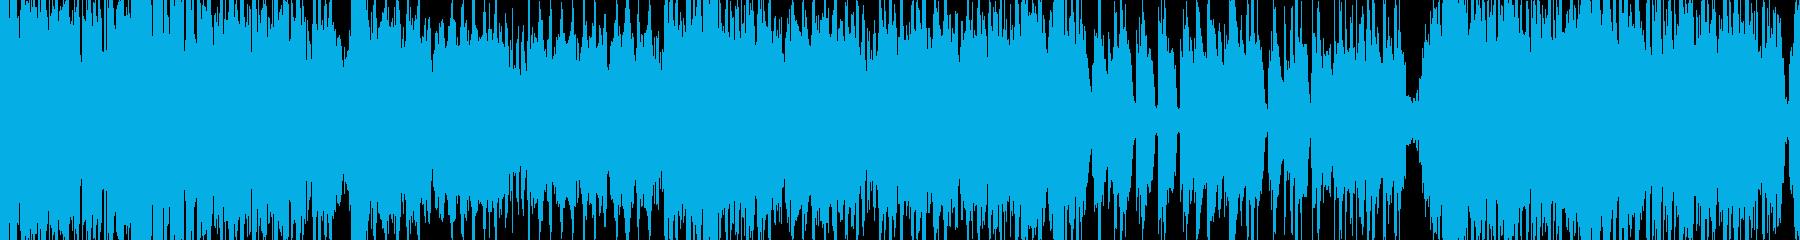 ドタバタ和風のクラブチューンの再生済みの波形